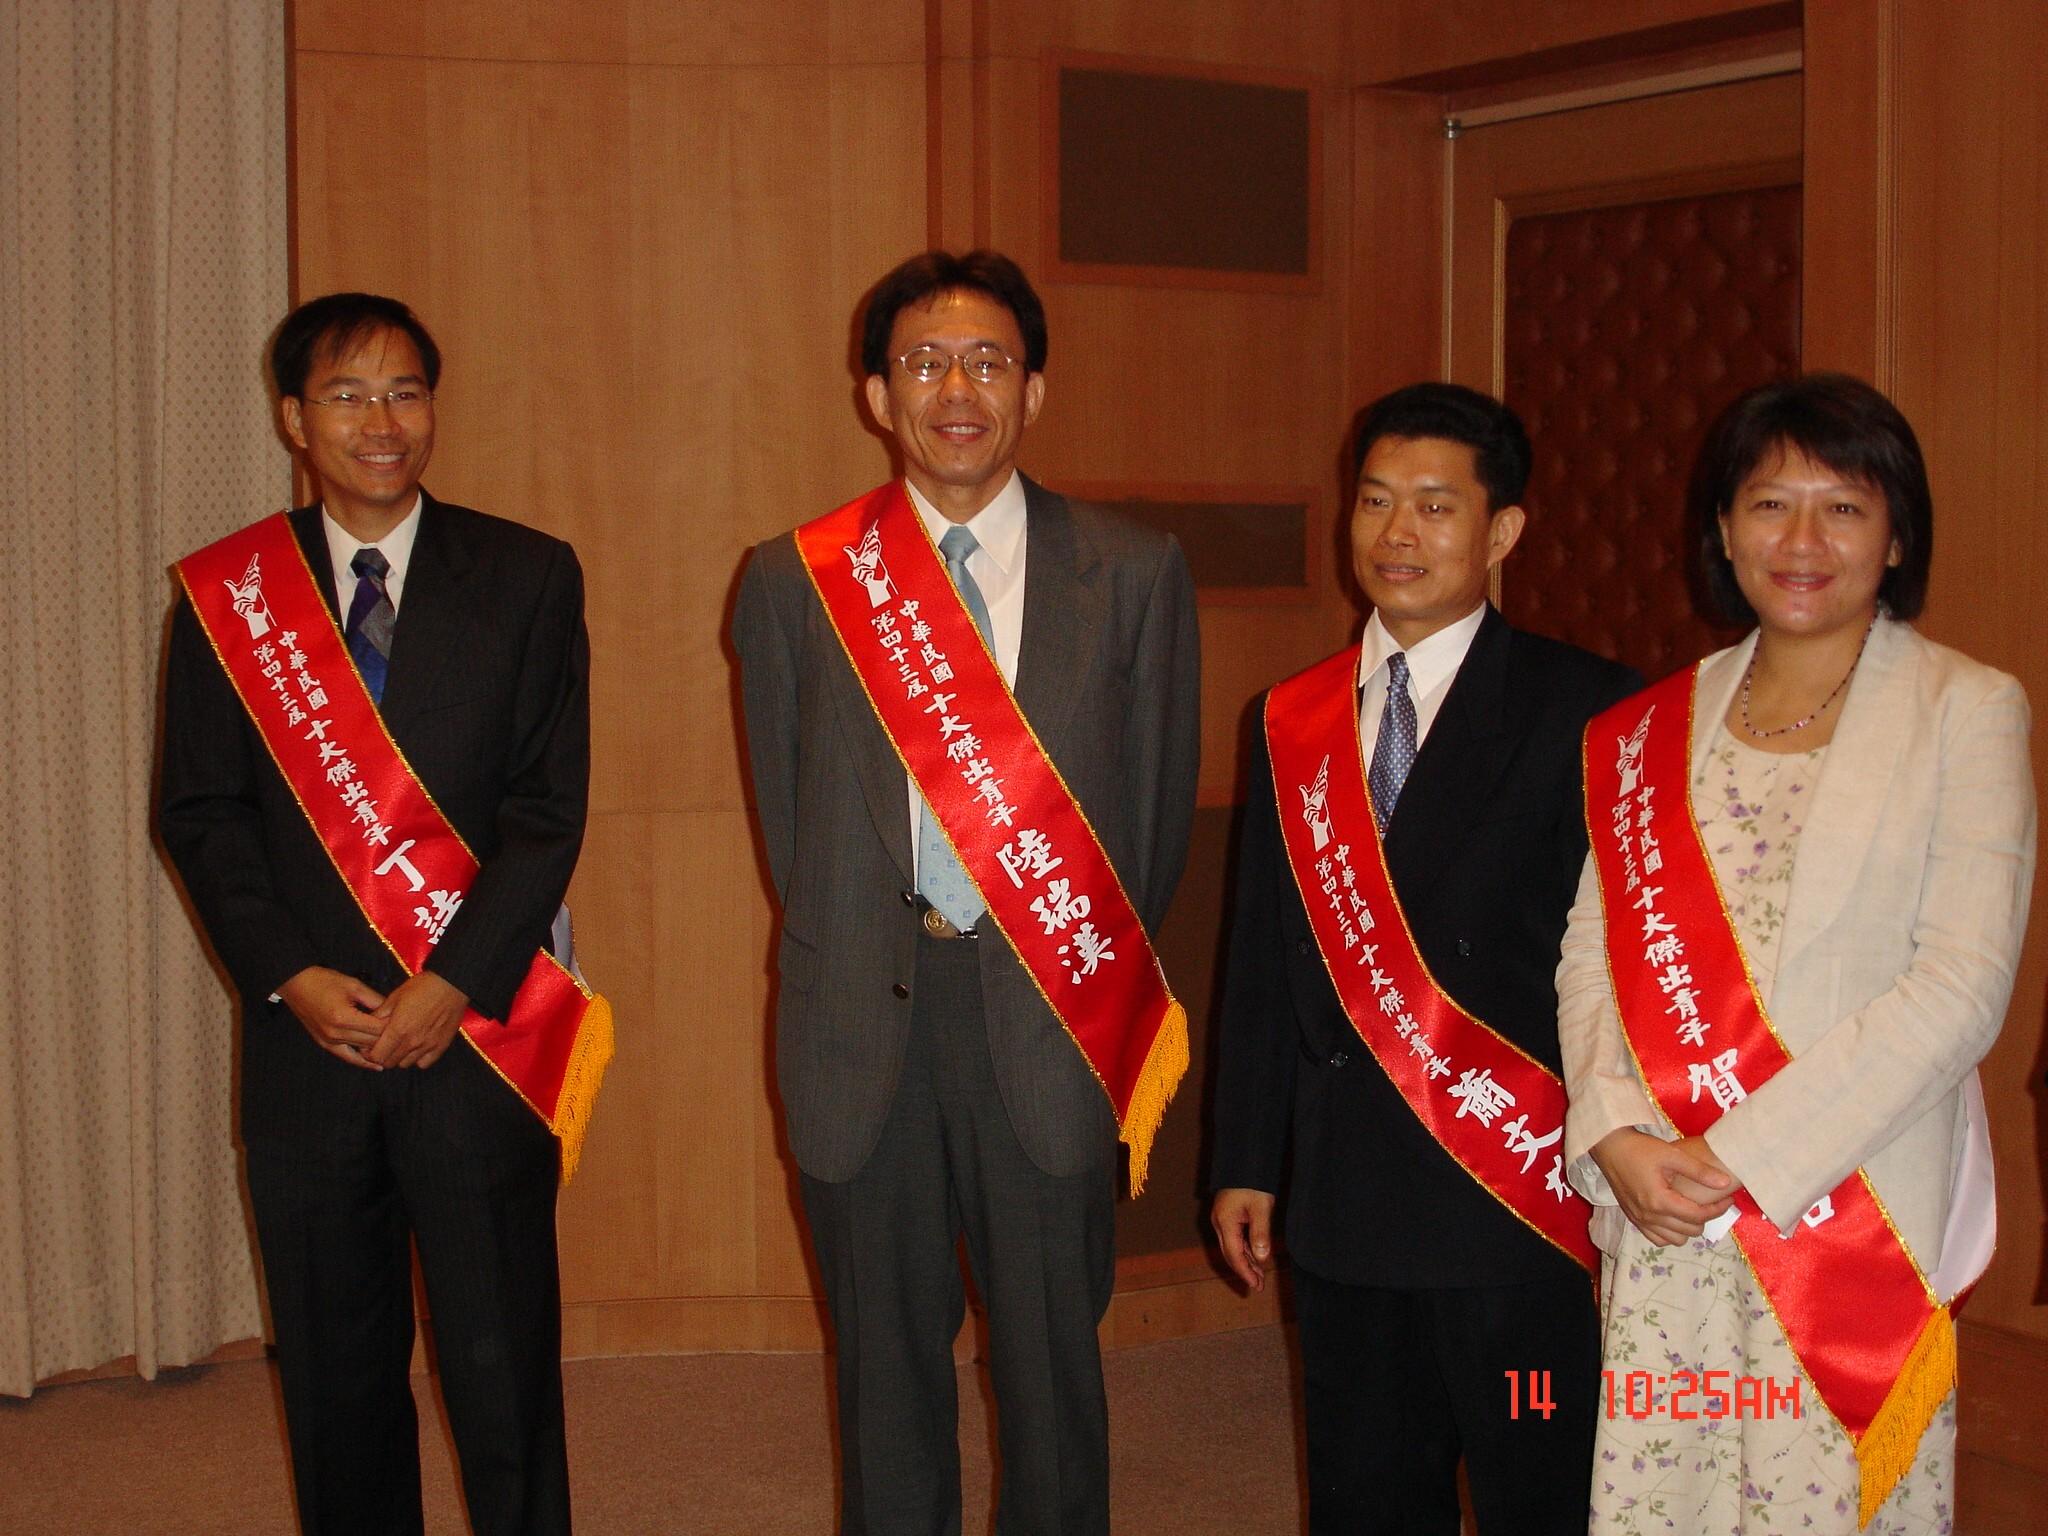 電子系陸瑞漢校友獲頒中華民國第43屆十大傑出青年